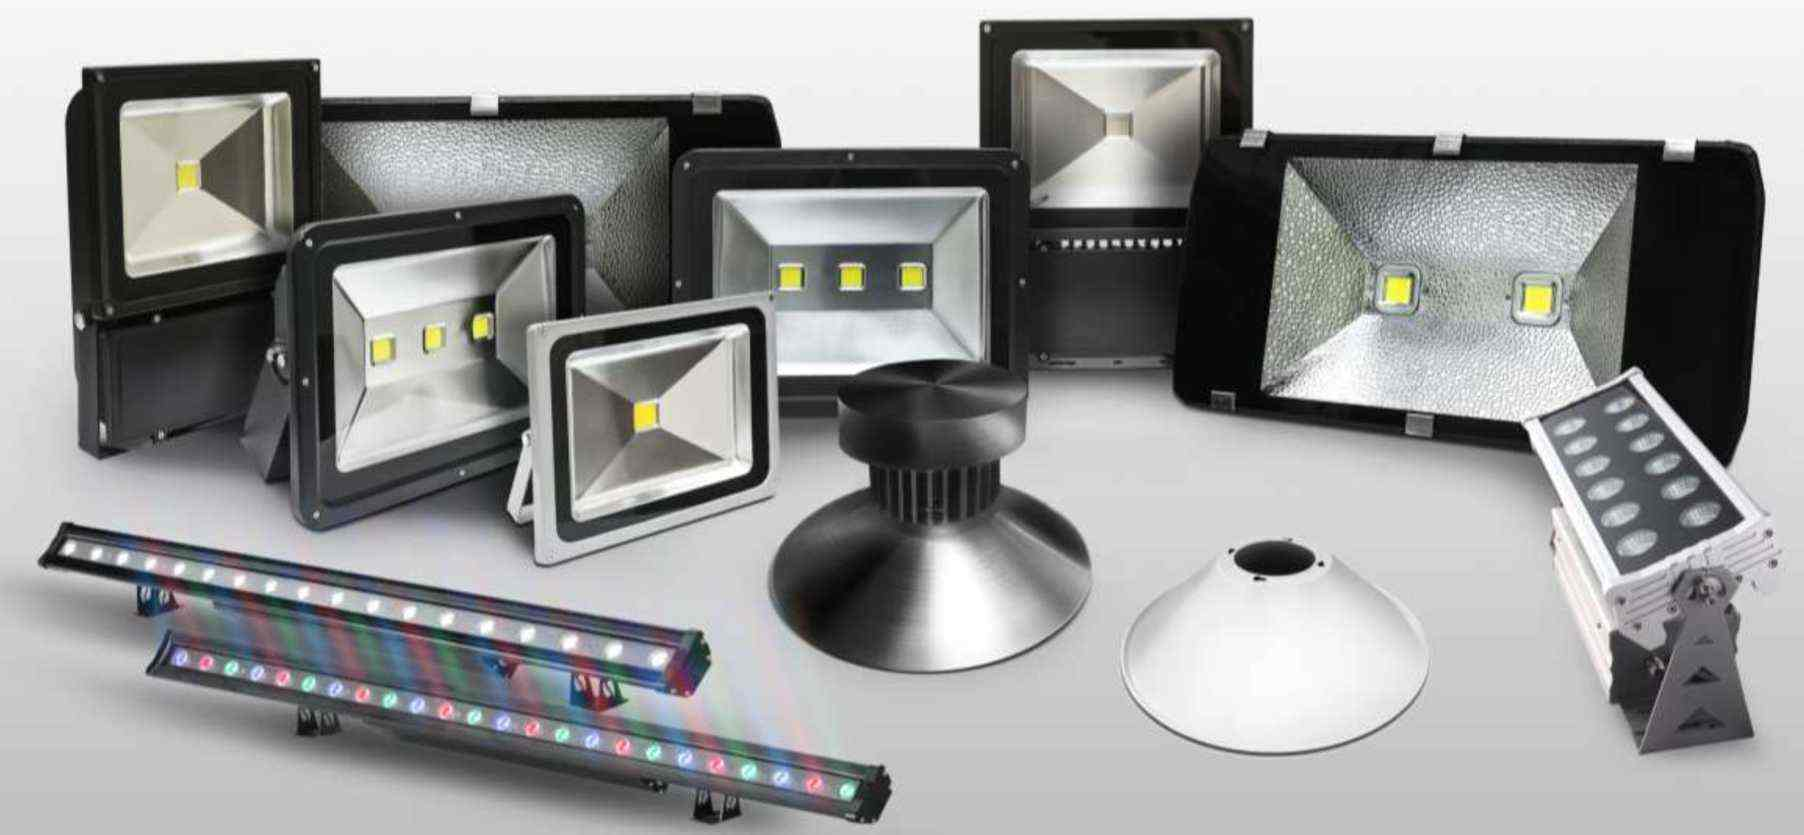 Светодиодные прожекторы. Конструкции, виды и преимущества